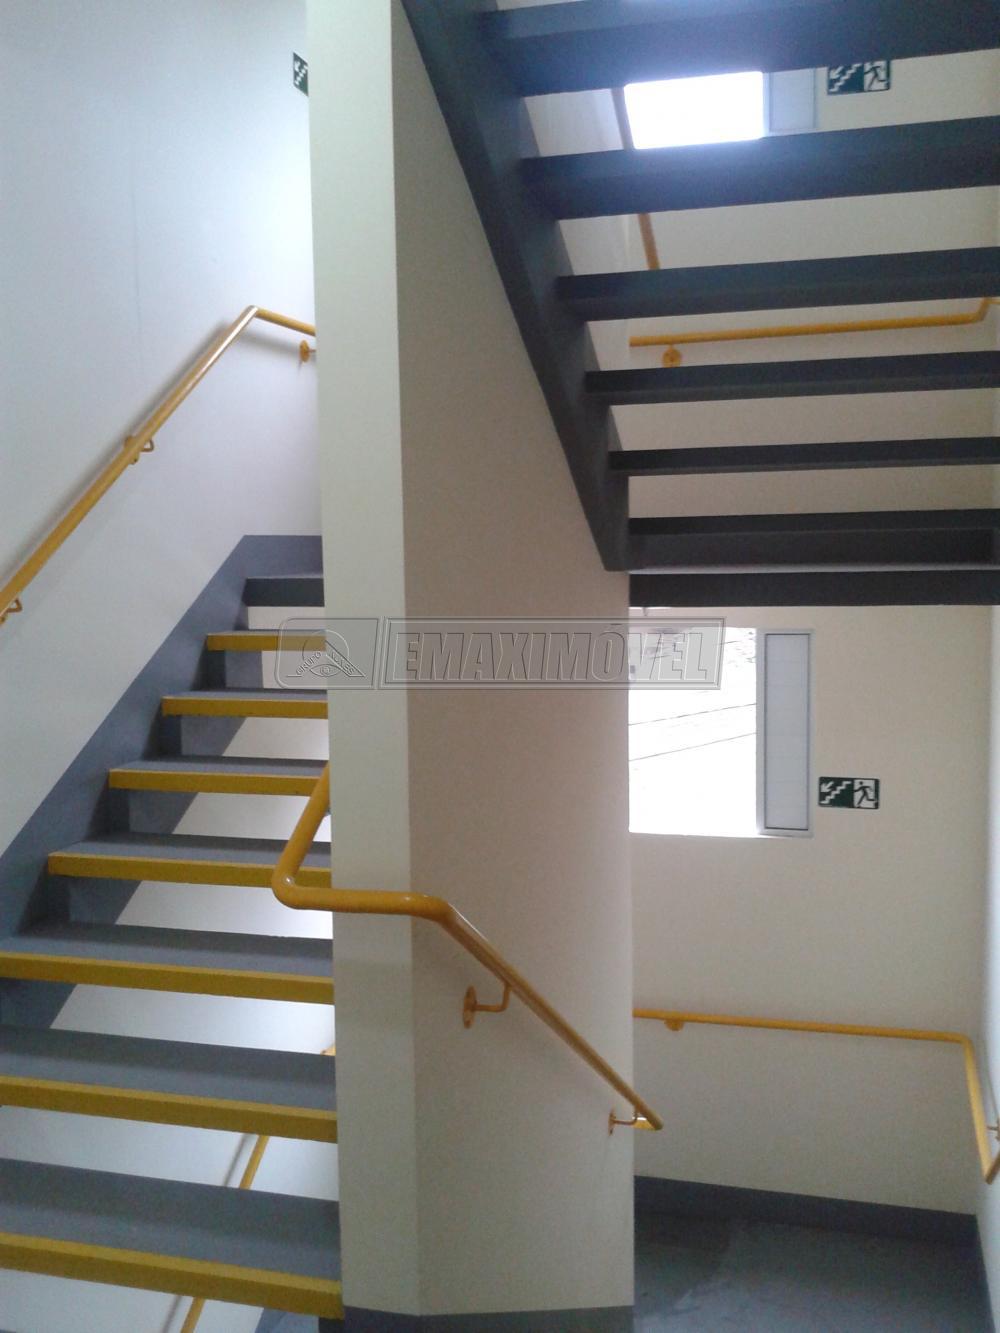 Comprar Apartamento / Cobertura em Sorocaba R$ 249.000,00 - Foto 23